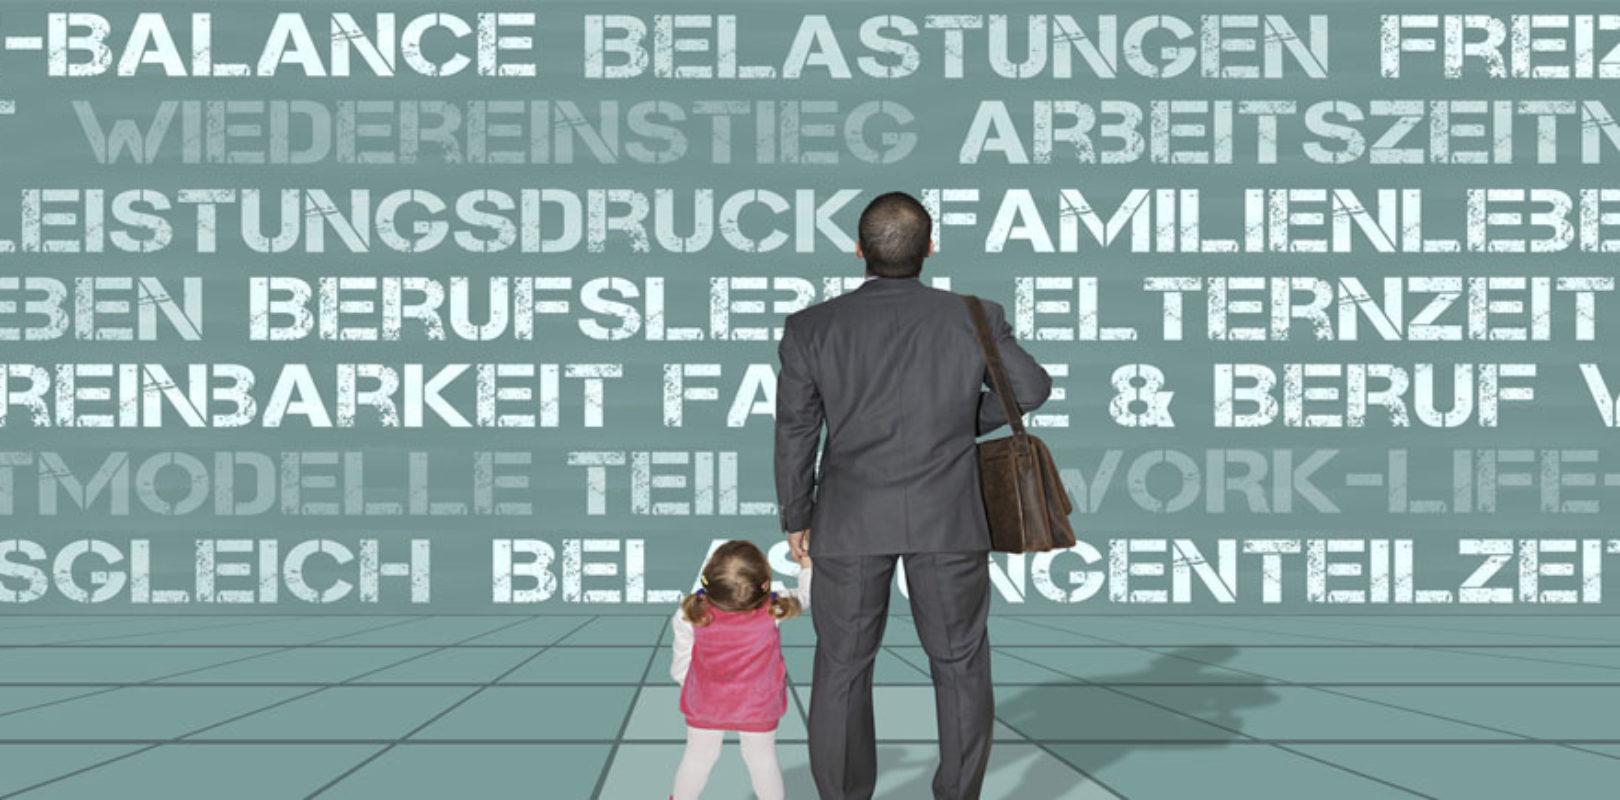 Bild Papa und Tochter vor der Elternzeit